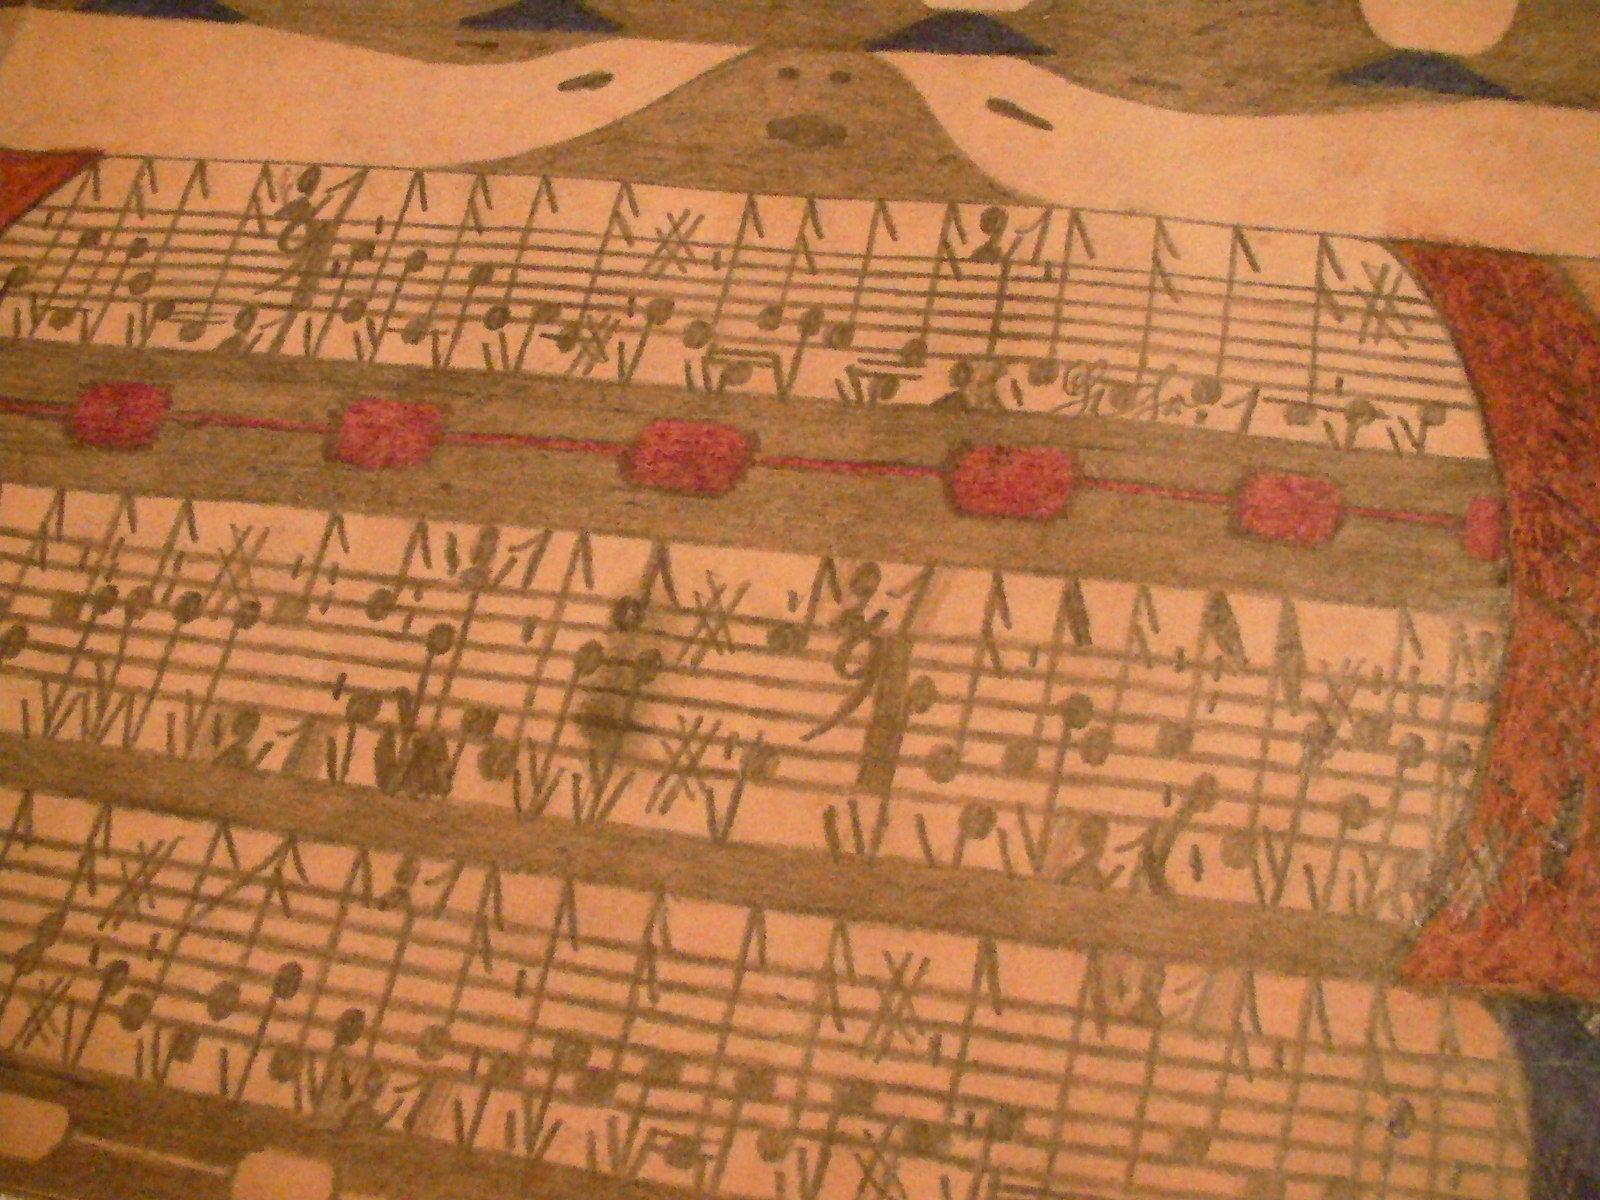 アリバイ(部分)1911(『揺りかごから墓場まで』第5冊 553-554頁)